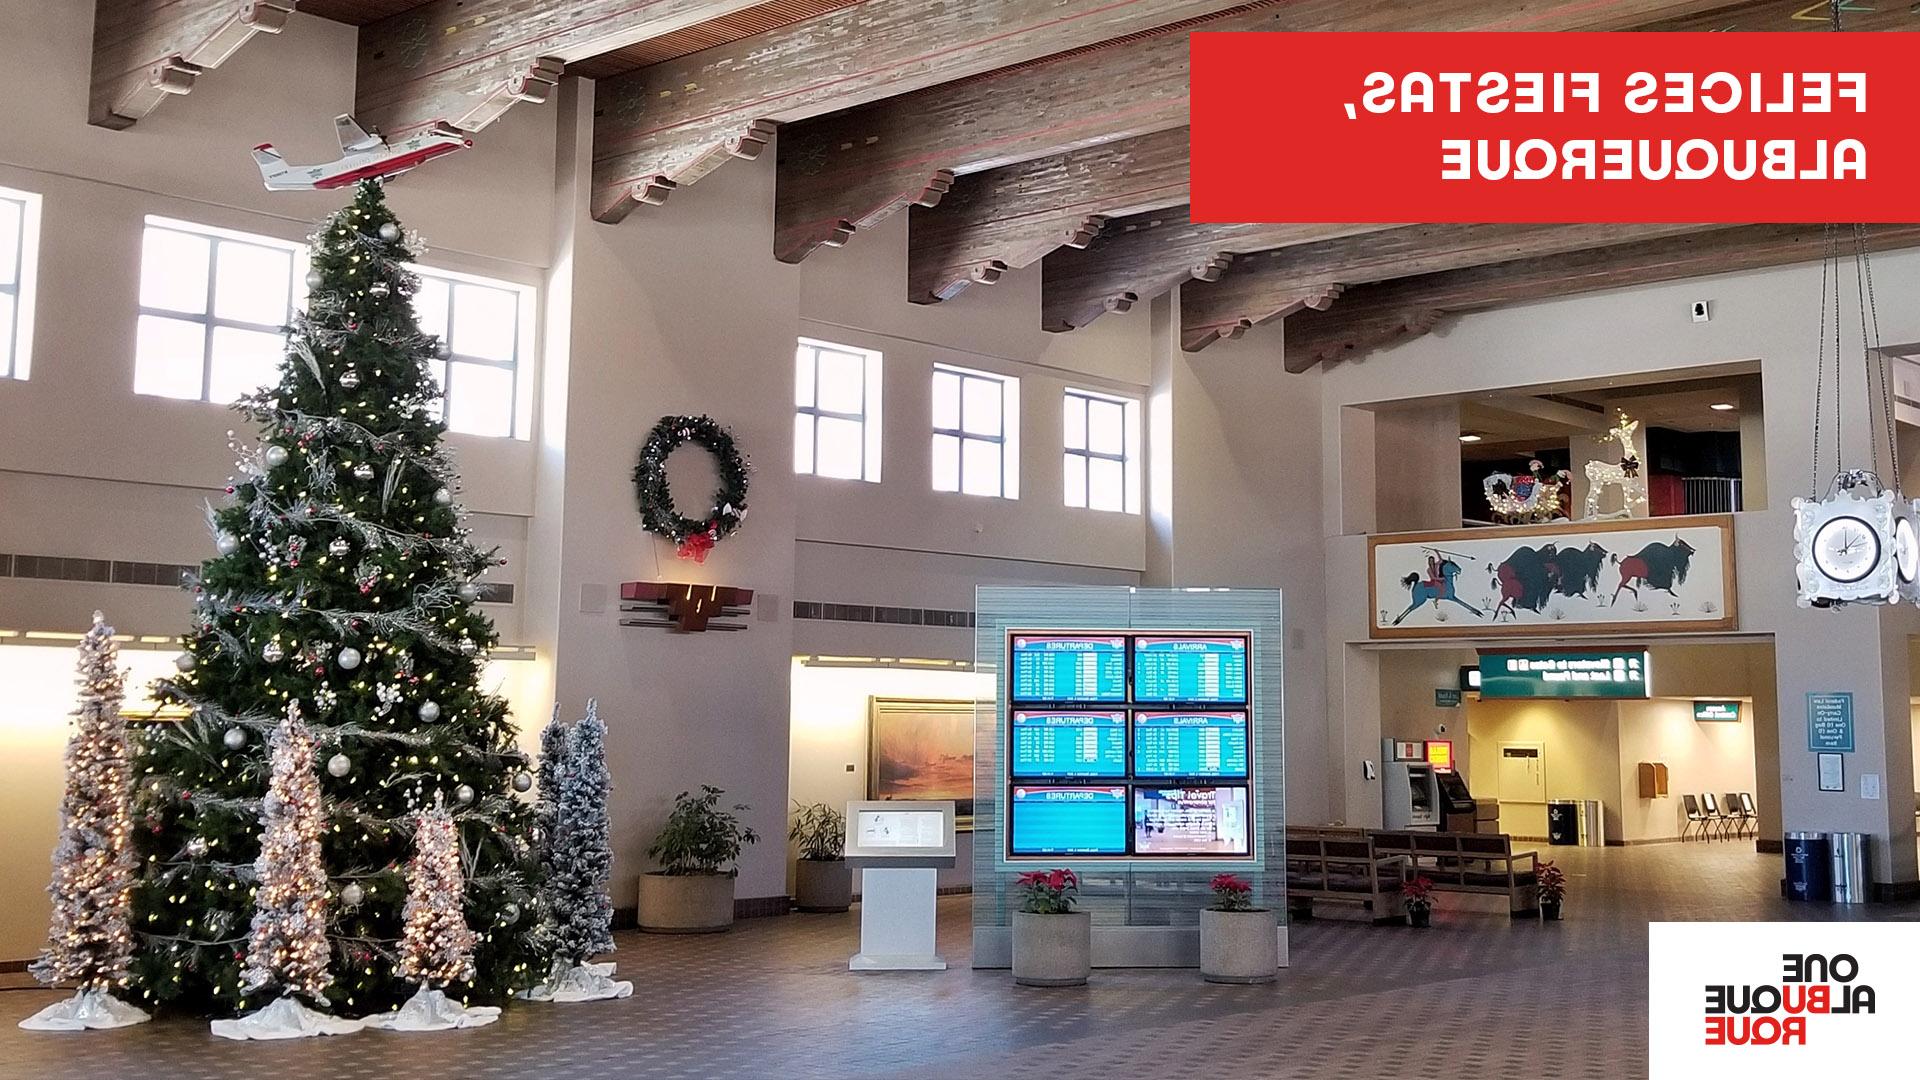 Sunport Holiday Zoom Background - Spanish